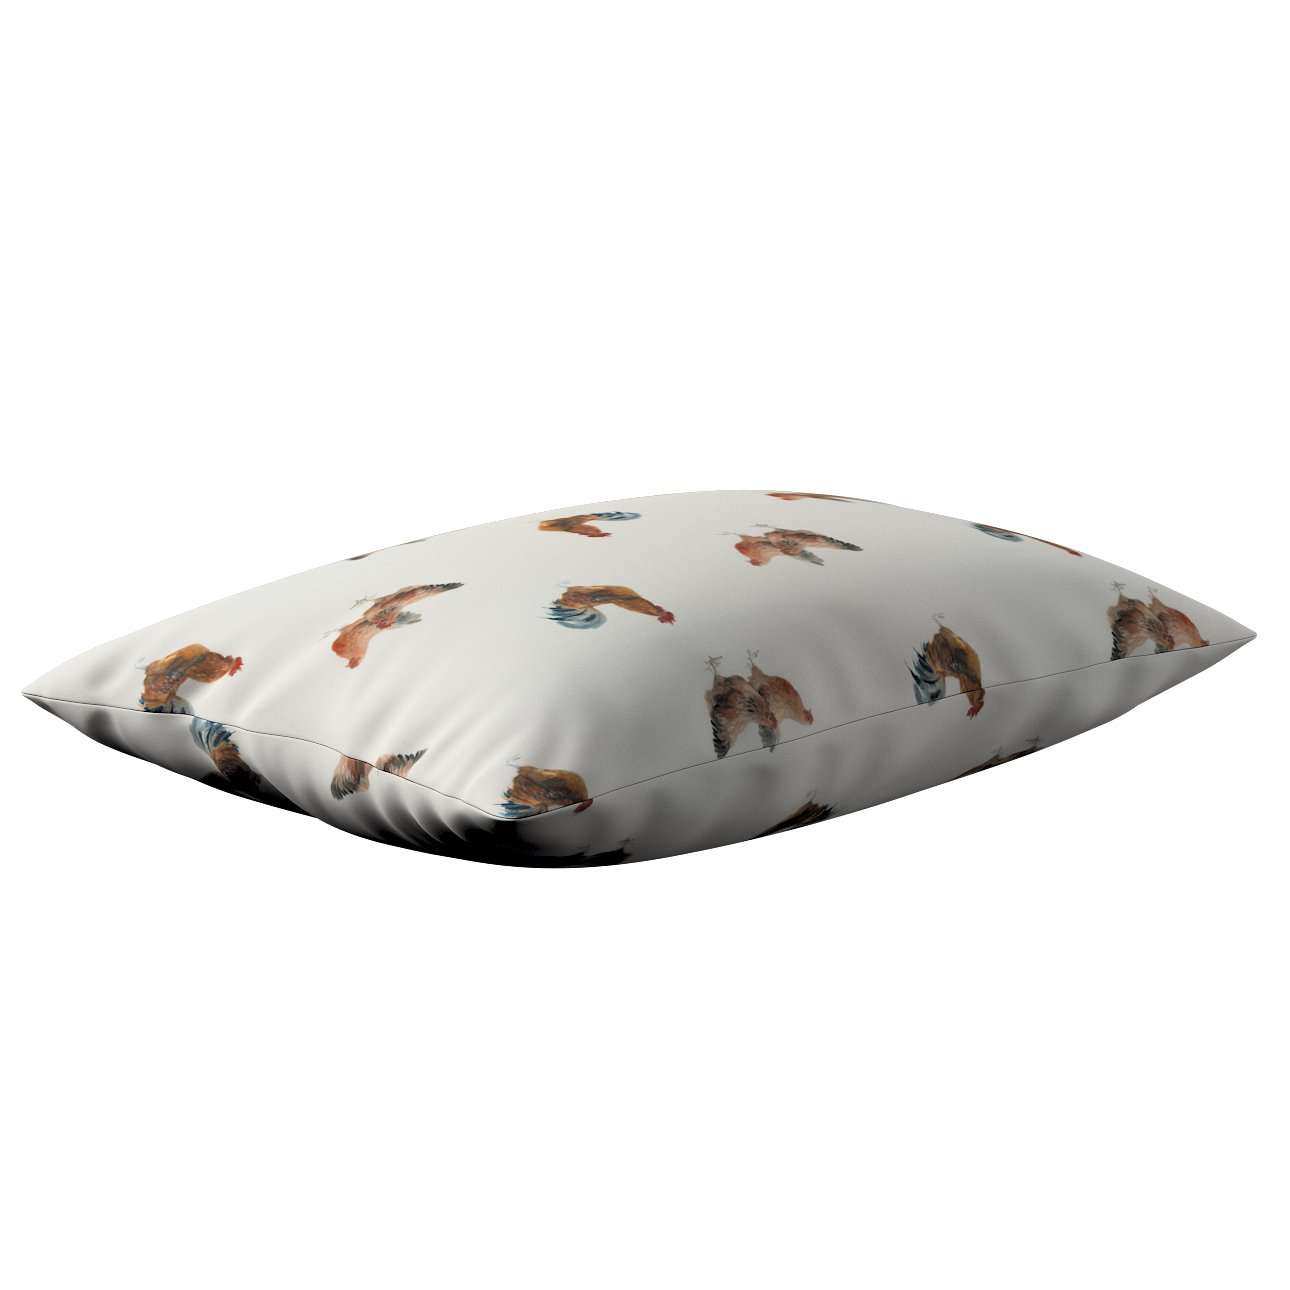 Poszewka Kinga na poduszkę prostokątną w kolekcji Flowers, tkanina: 141-80